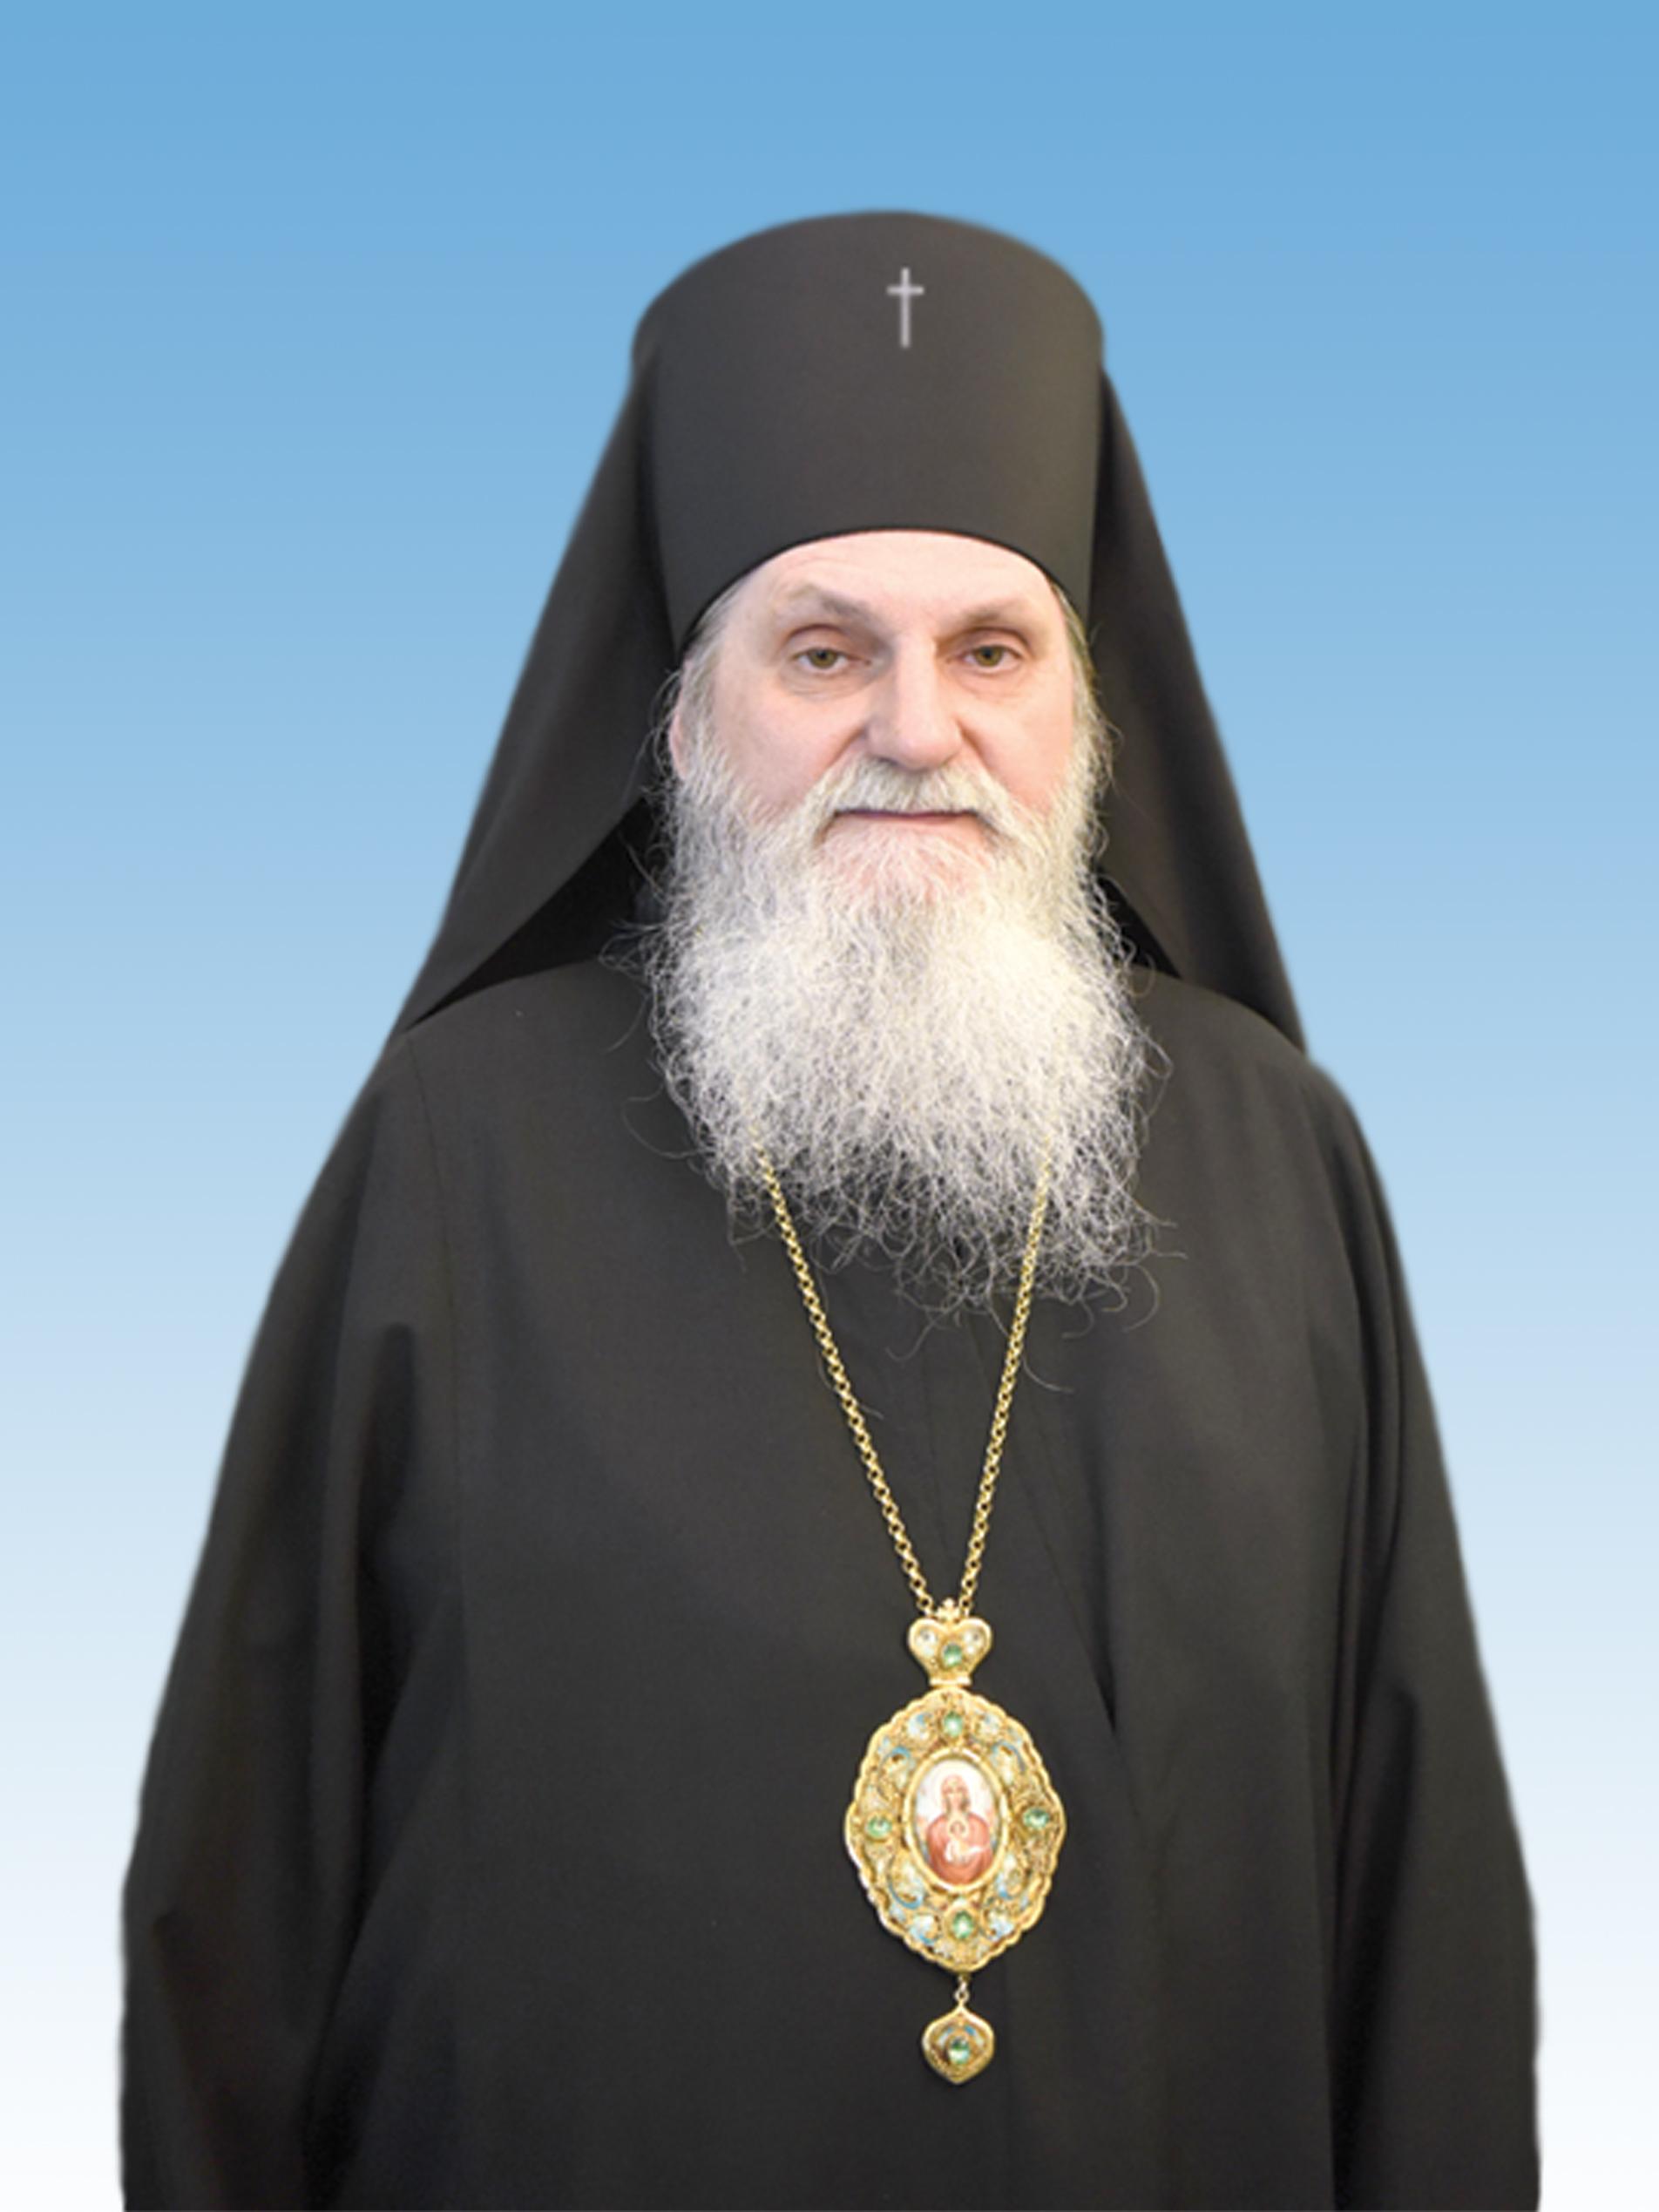 Єпископ Переяславський і Білоцерківський Андрій